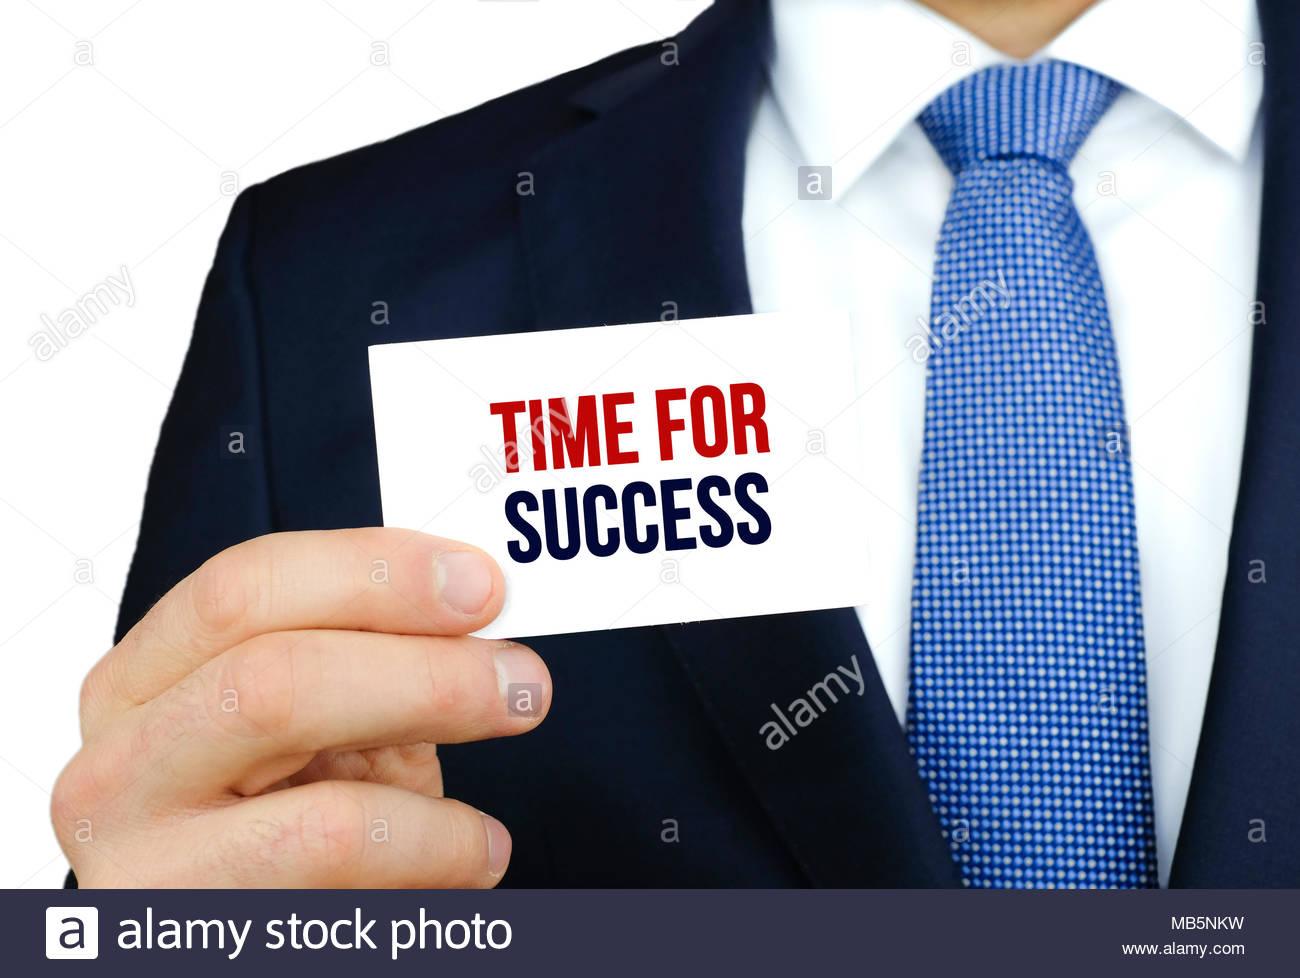 El tiempo para lograr el éxito Imagen De Stock